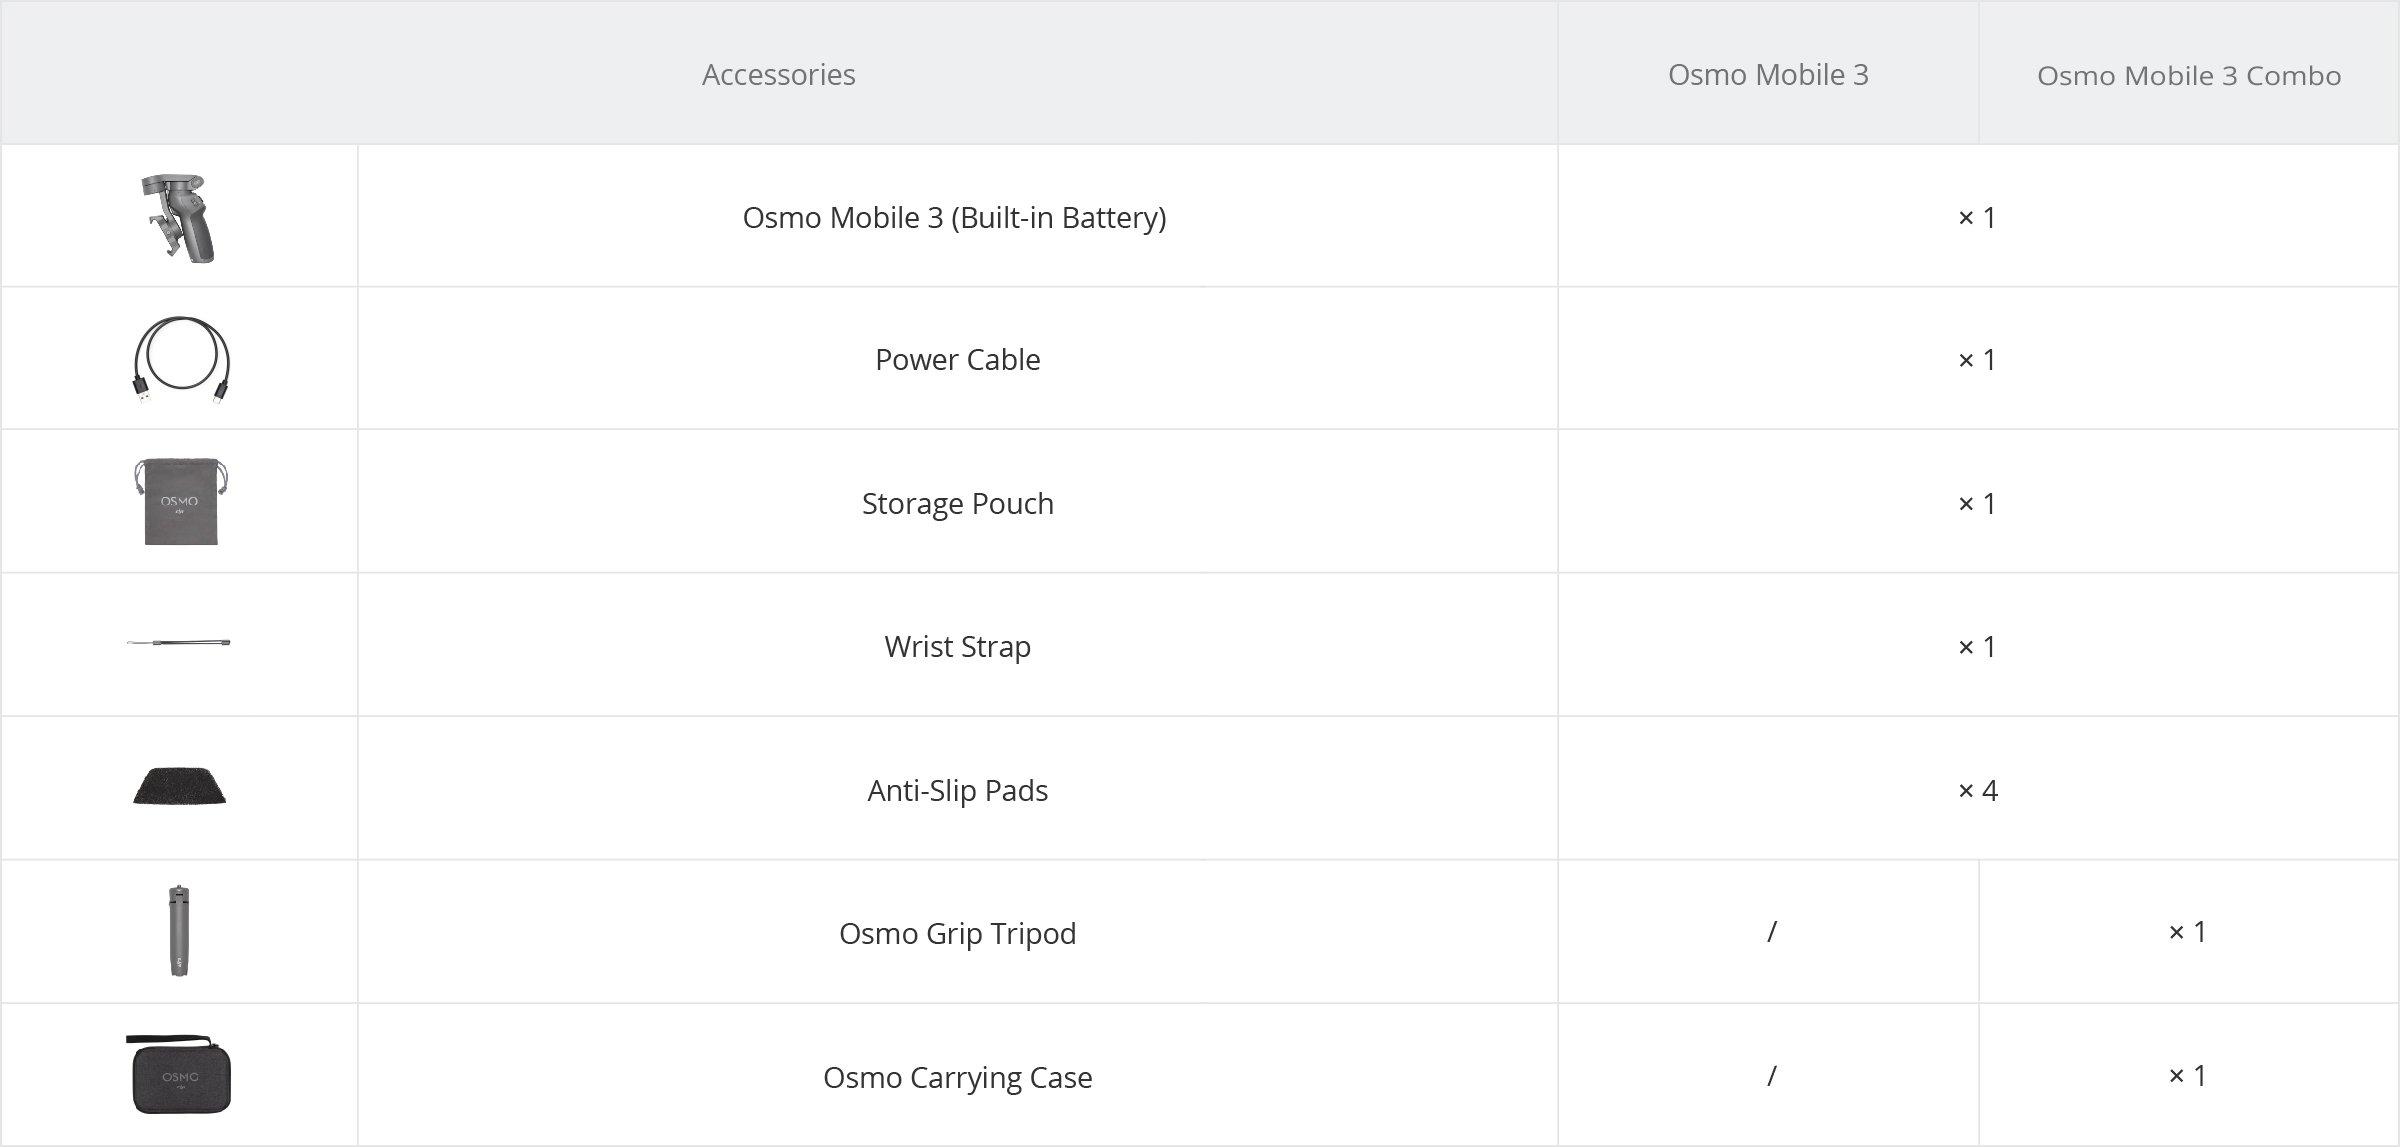 dji_osmo_mobile_3_contenuto